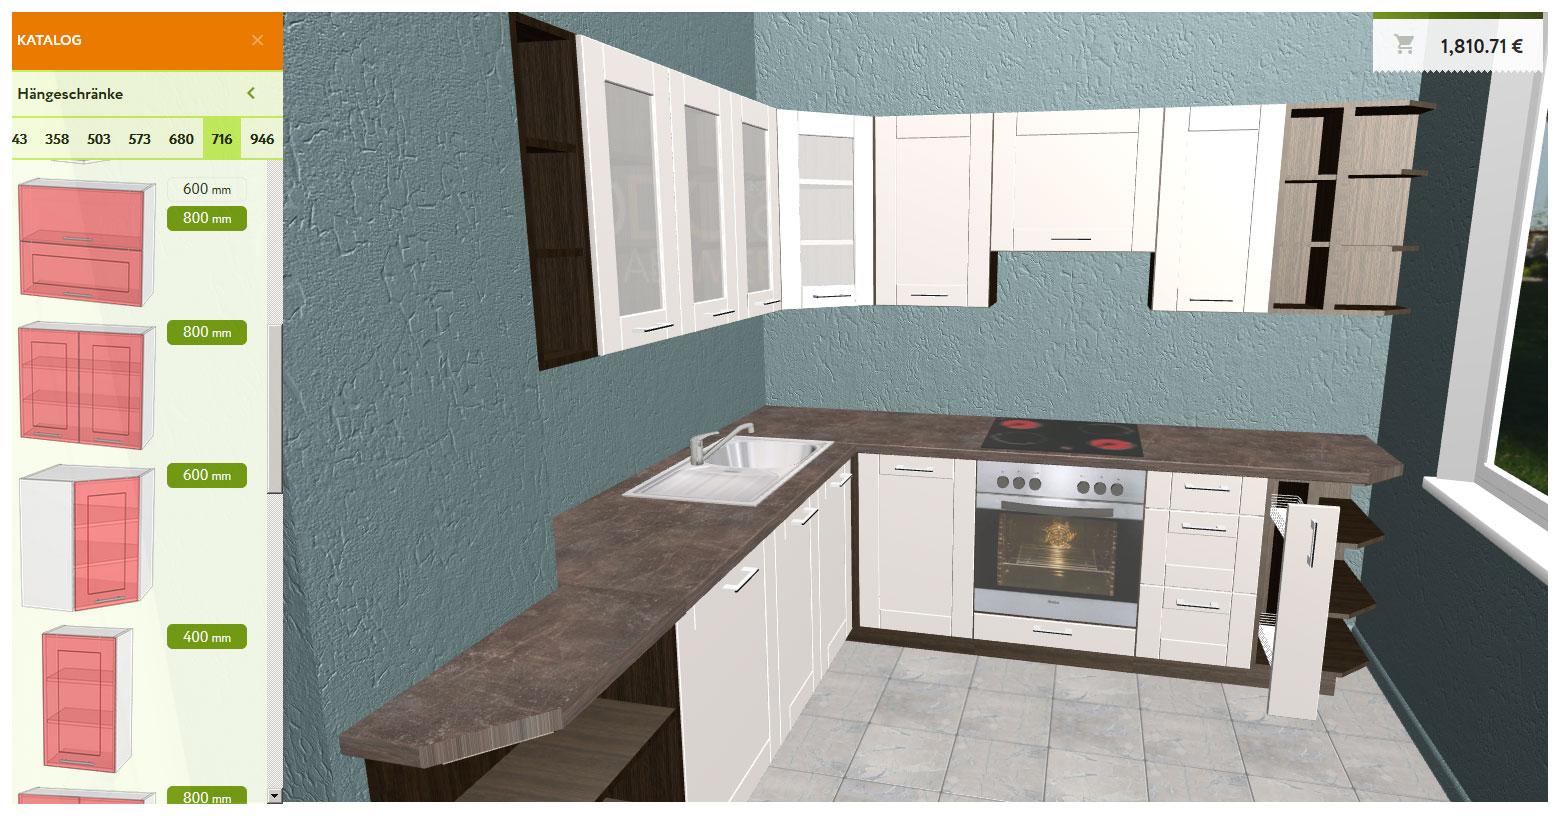 Full Size of Küche Planen Programm Kostenlos Küche Planen Kleiner Raum Wo Günstig Küche Planen Lassen Küche Planen Potsdam Küche Küche Planen